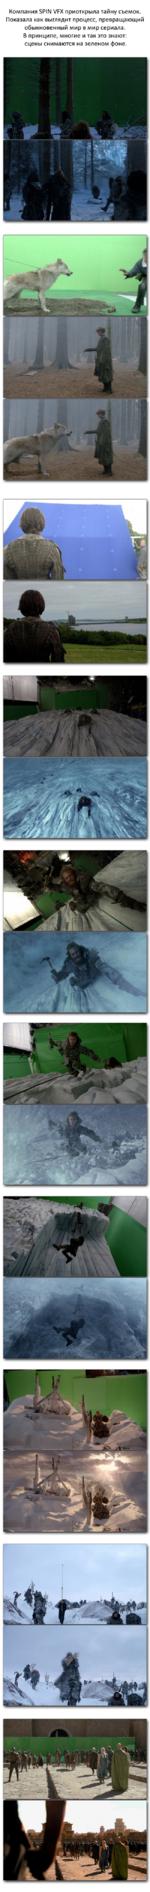 Компания SPIN VFX приоткрыла тайну съемок. Показала как выглядит процесс, превращающий обыкновенный мир в мир сериала. В принципе, многие и так это знают: сцены снимаются на зеленом фоне. •I' U